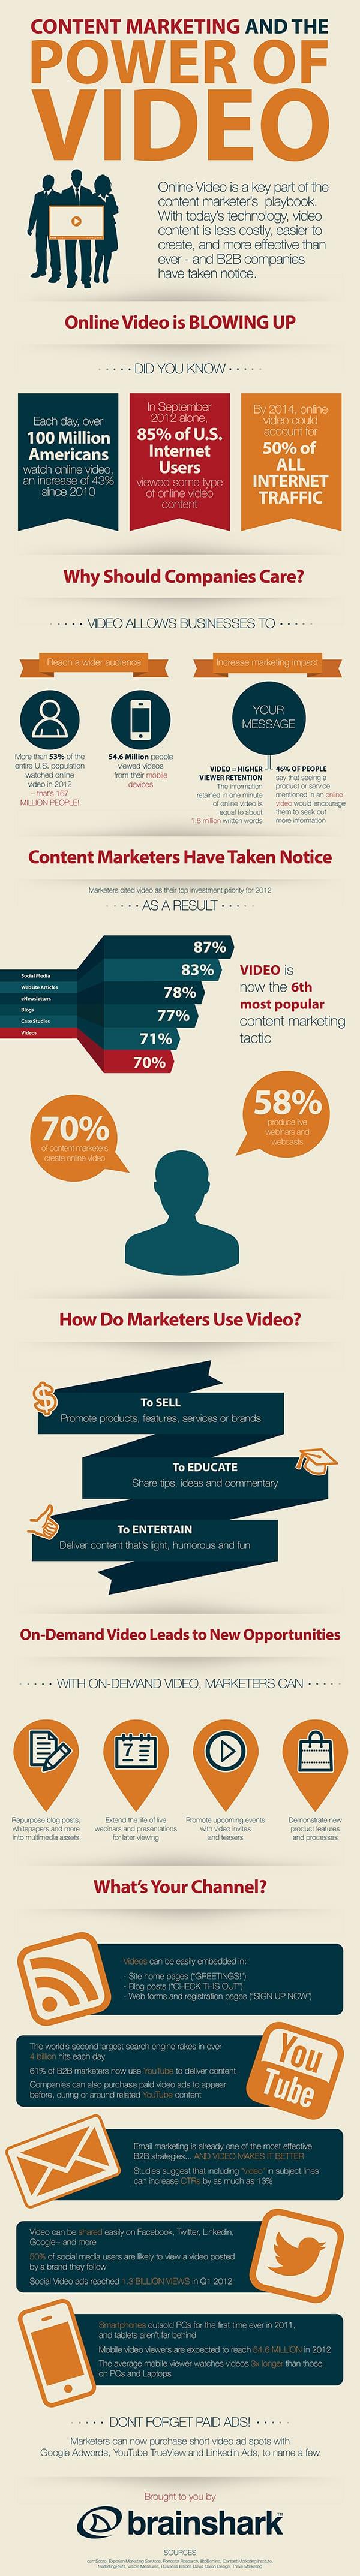 De kracht van online video voor je contentstrategie [infographic]